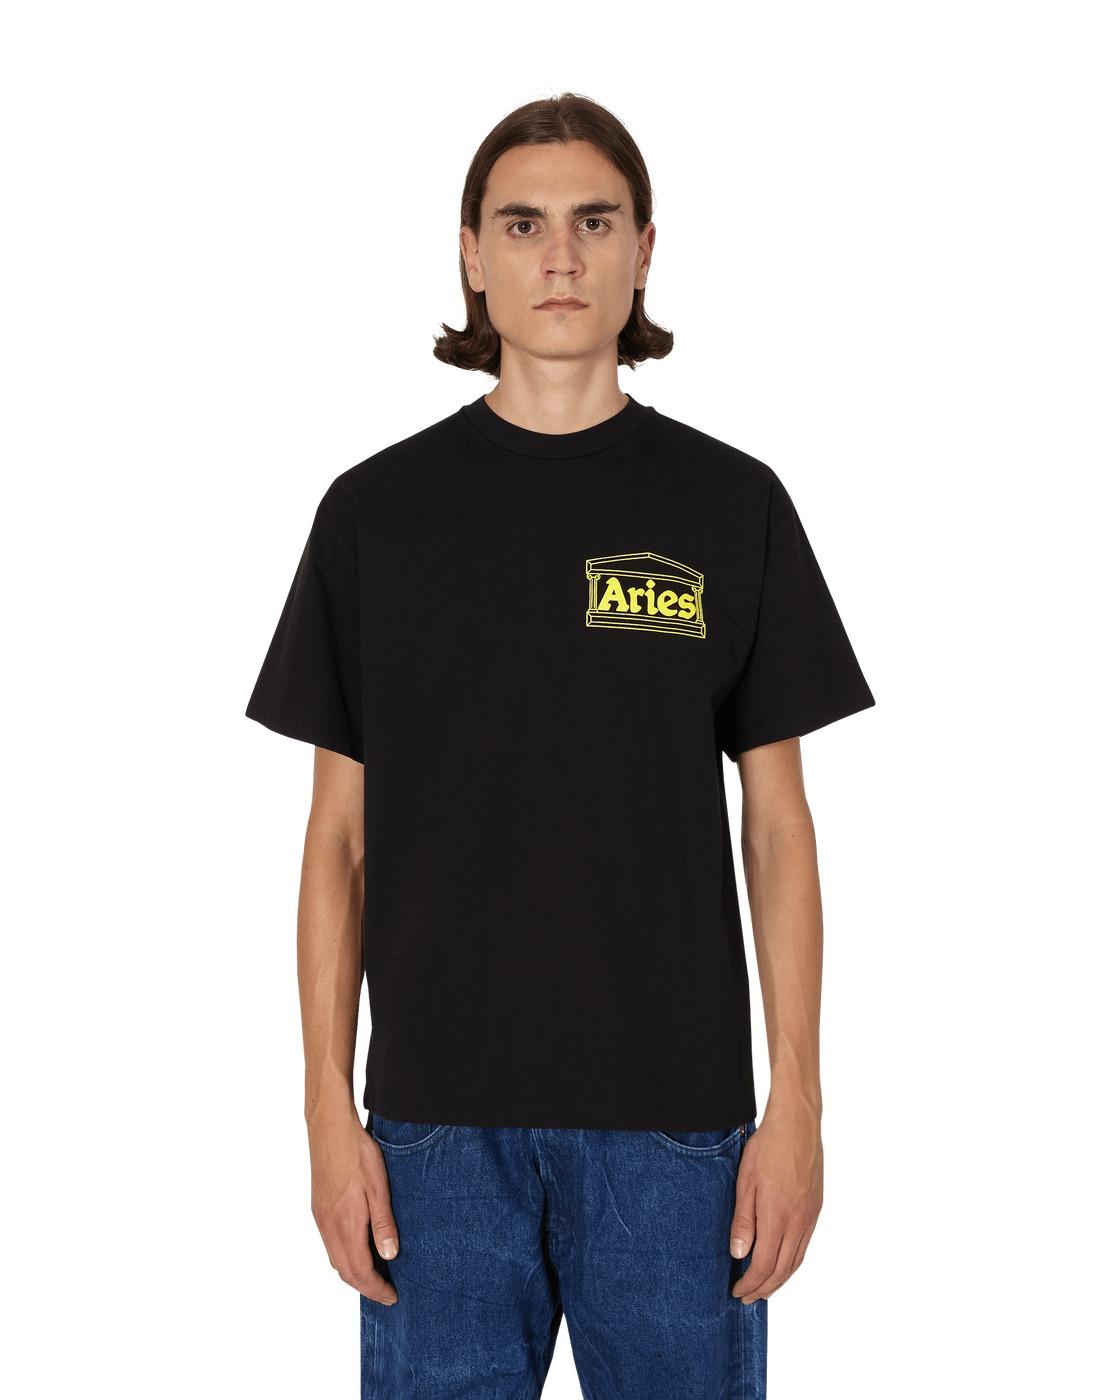 Aries Hands Off T Shirt Black